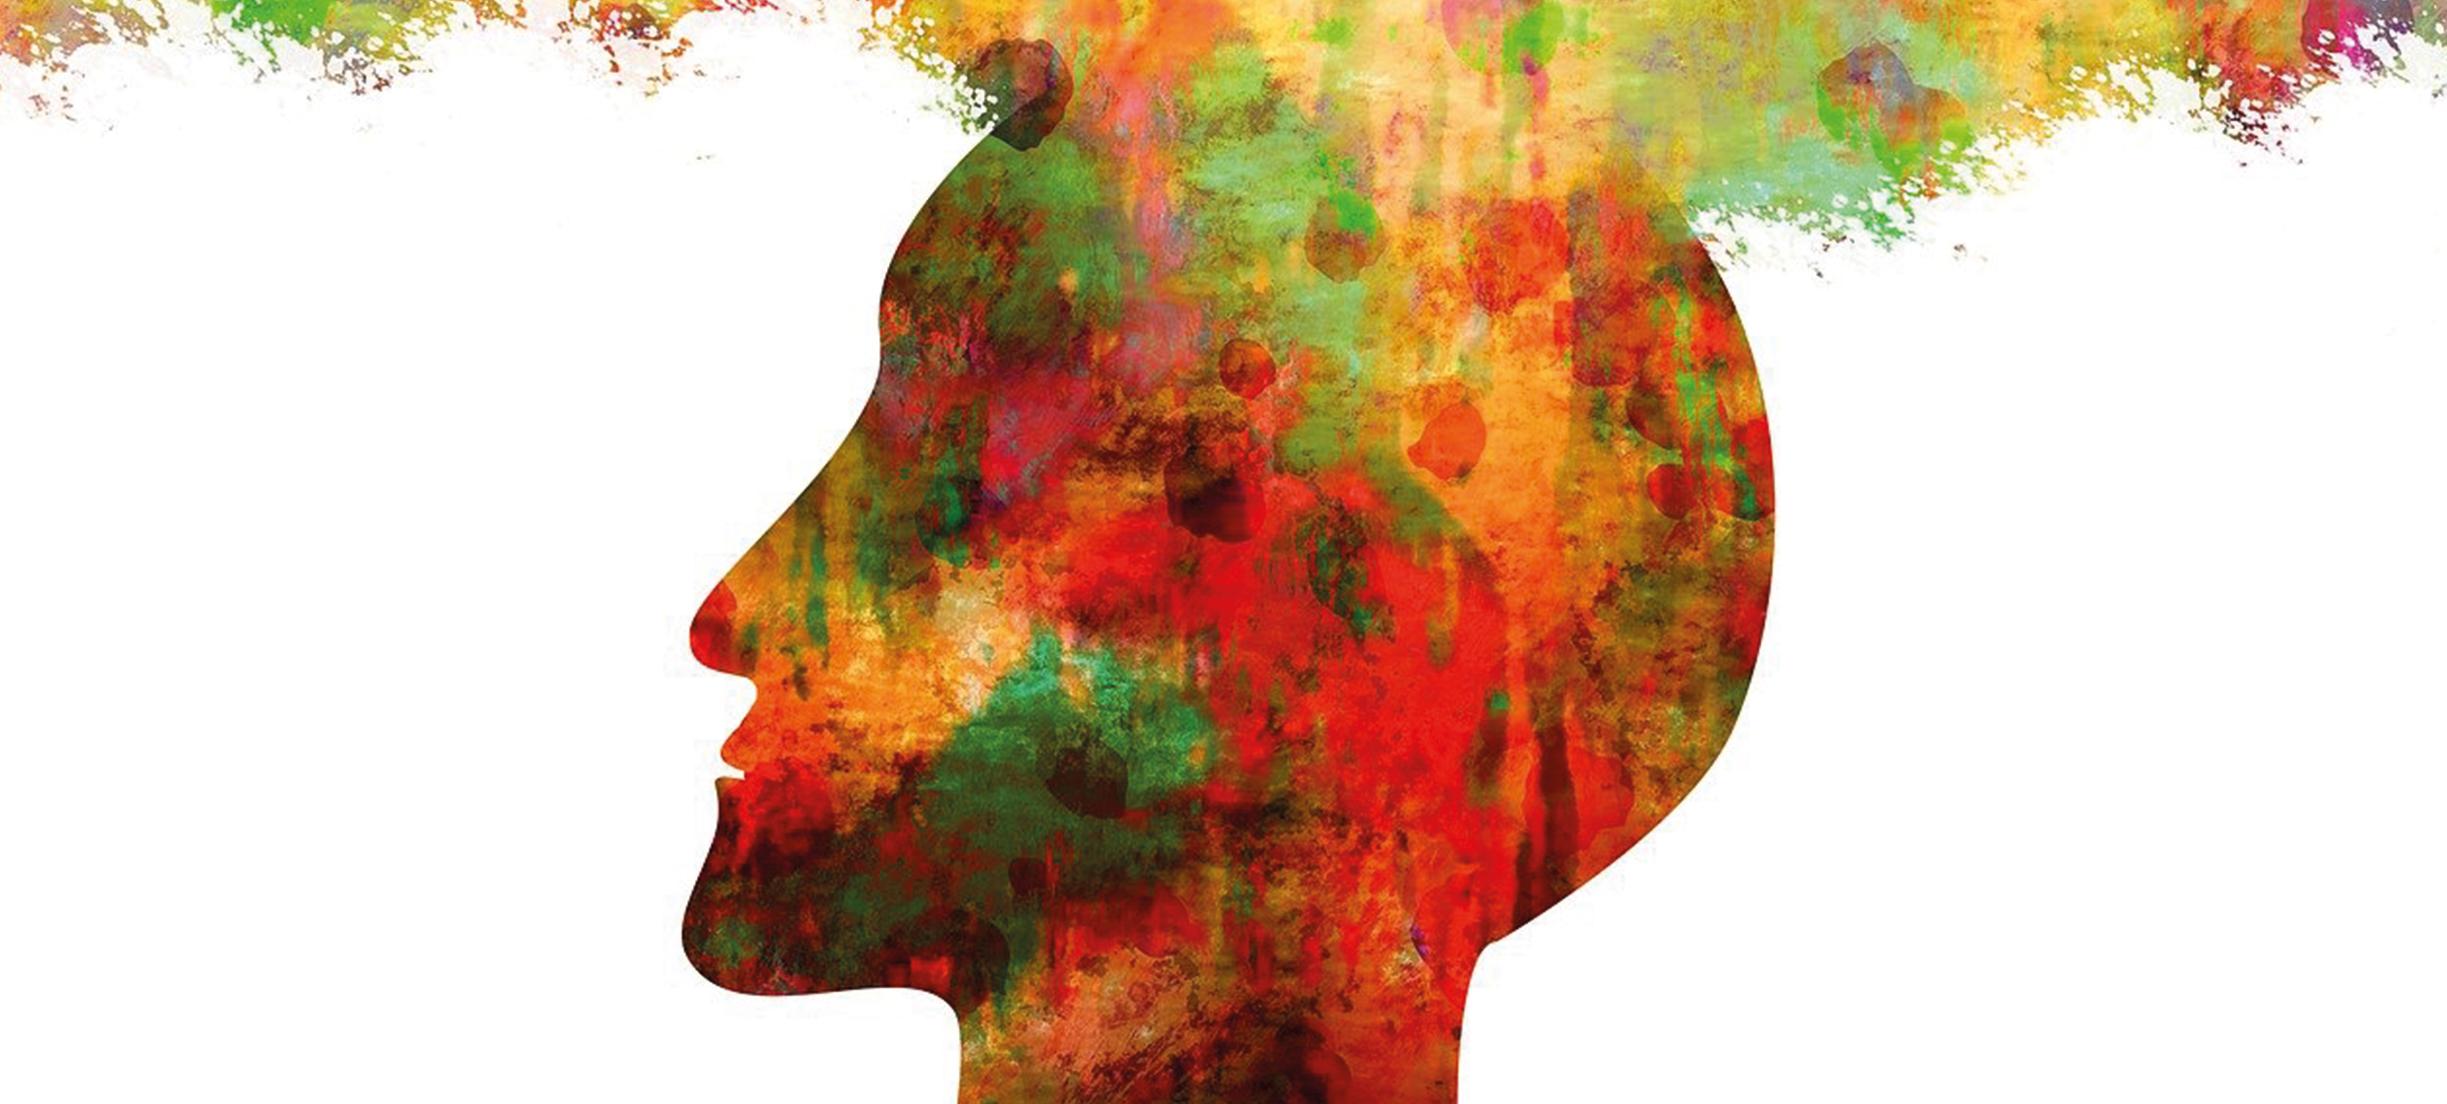 De dag in vooruitgang: Hoop voor moeilijk behandelbare depressies, en meer